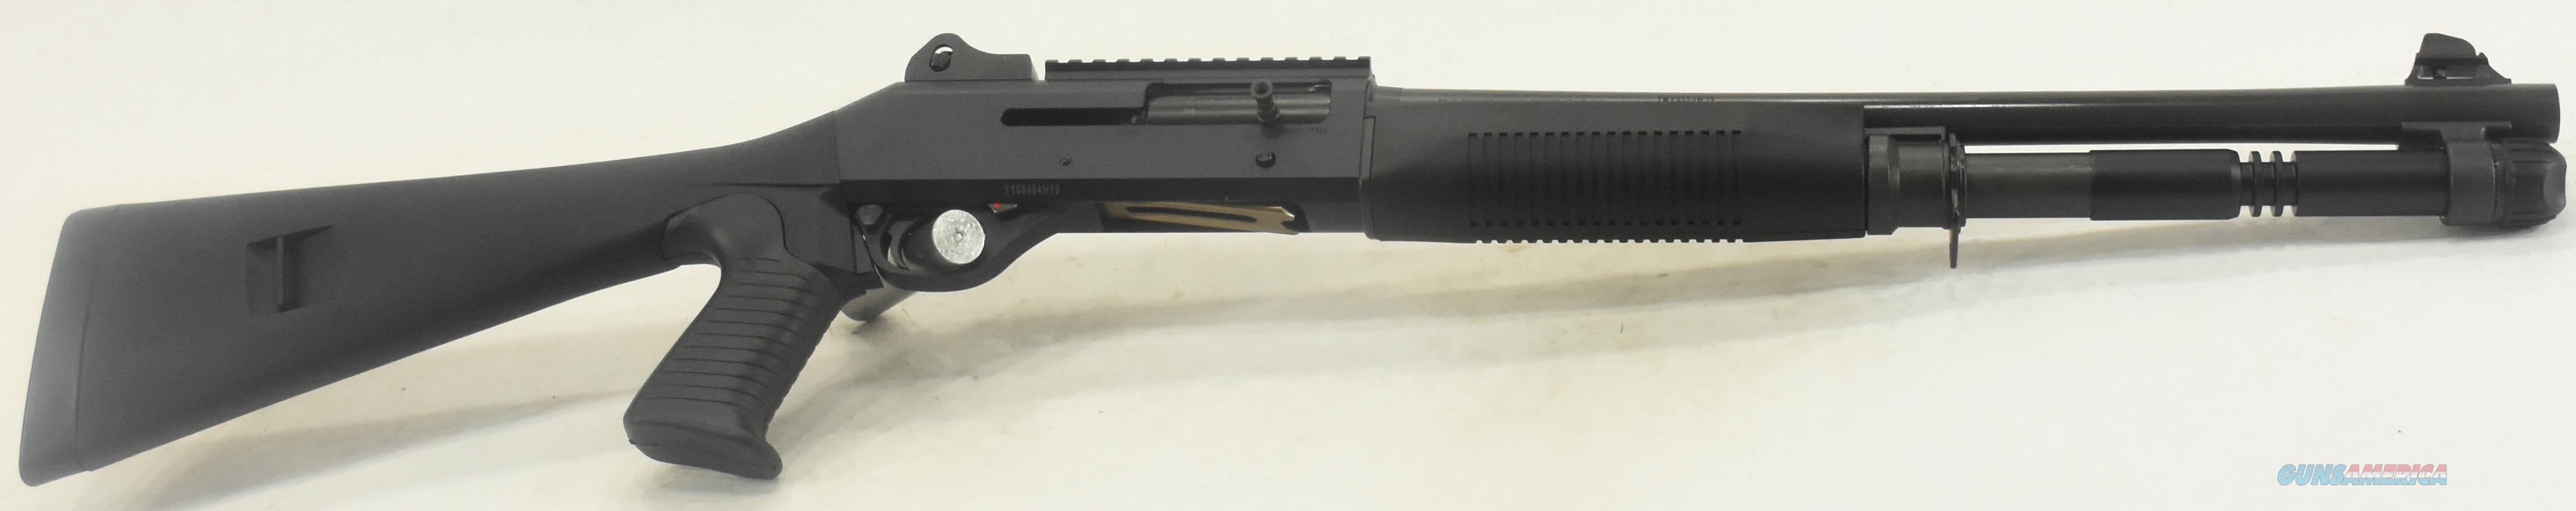 11707 Benelli M4 Tactical Shotgun All Black 12 Ga 18In  Guns > Shotguns > Benelli Shotguns > Sporting